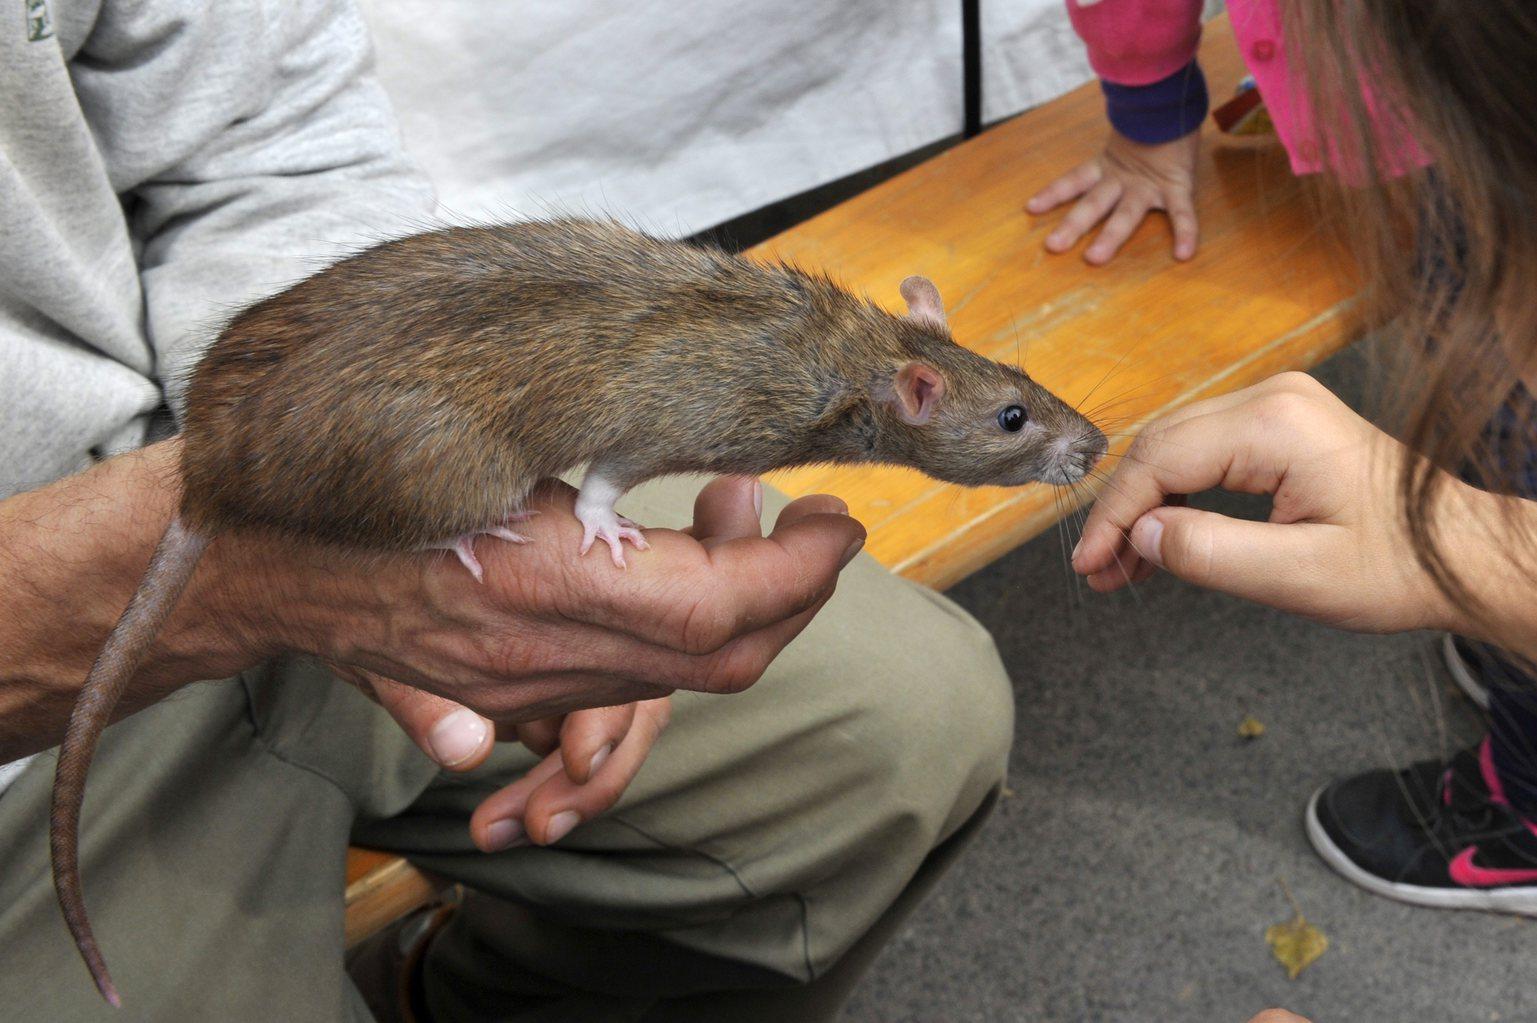 Vándorpatkánnyal barátkoznak gyerekek a bemutatós állatok standján az Állatszeretet Fesztivál megnyitója után a Fővárosi Állat- és Növénykertben 2014. október 1-jén. Az ötnapos fesztivál keretében többek között az állatok egészségével, gondozásával kapcsolatos kulisszatitkokat ismerhetik meg a látogatók az állatkertben, de kínálnak programokat az állatkert partnerszervezetei is. MTI Fotó: Kovács Attila